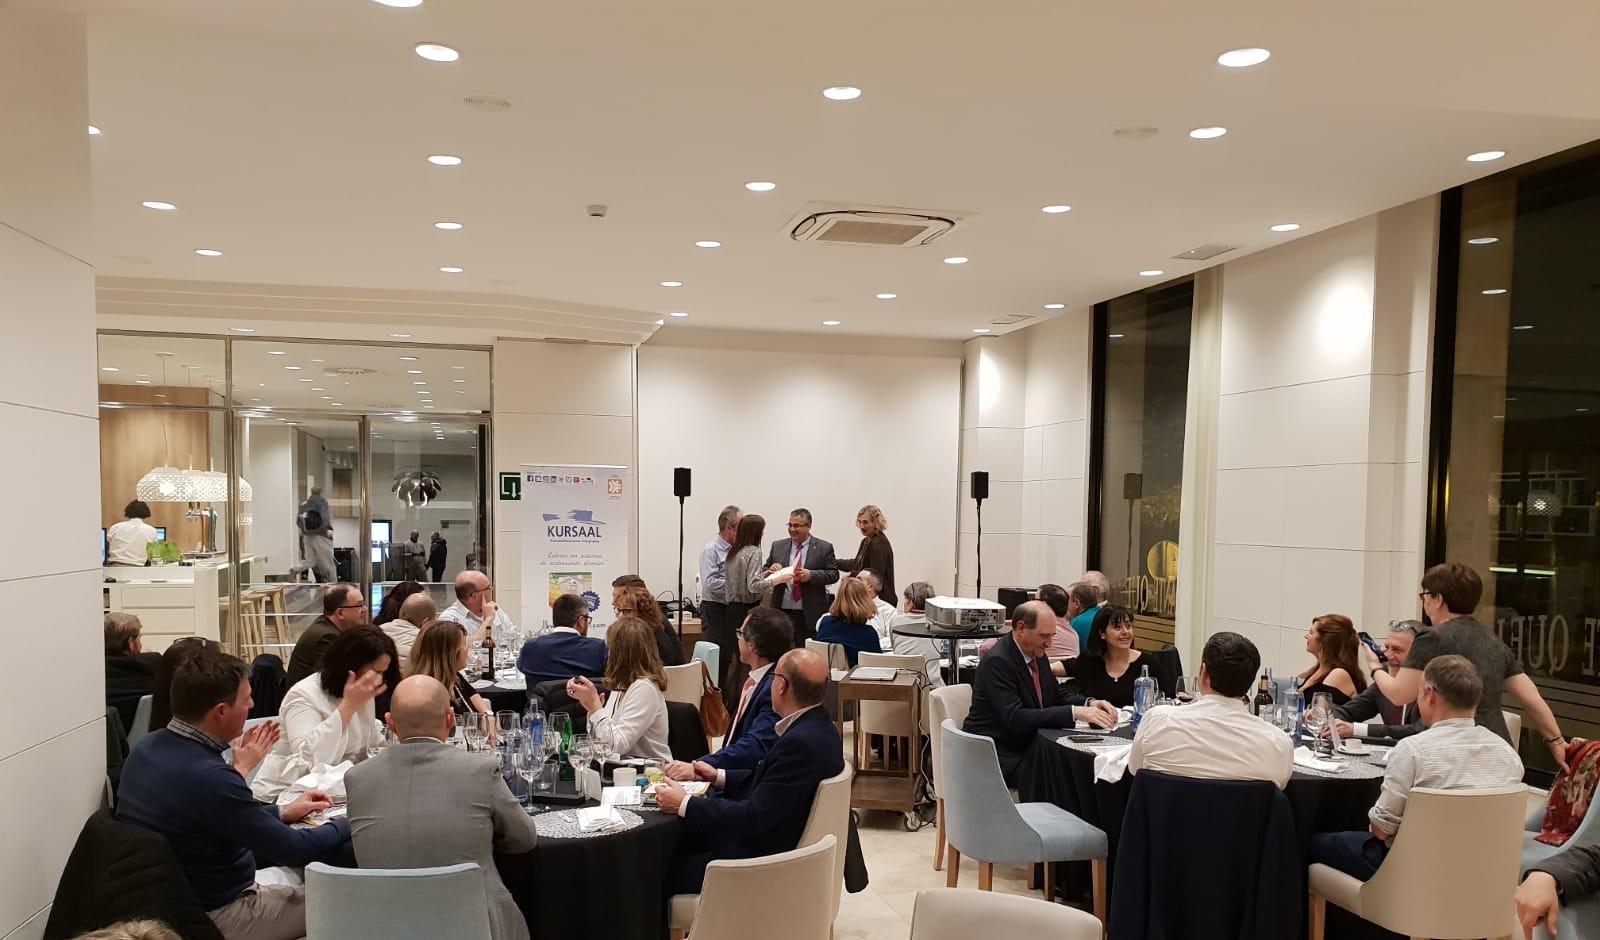 imagen de la noticia: Un año más participamos en la cena de hermandad anual del Colegio de Administradores